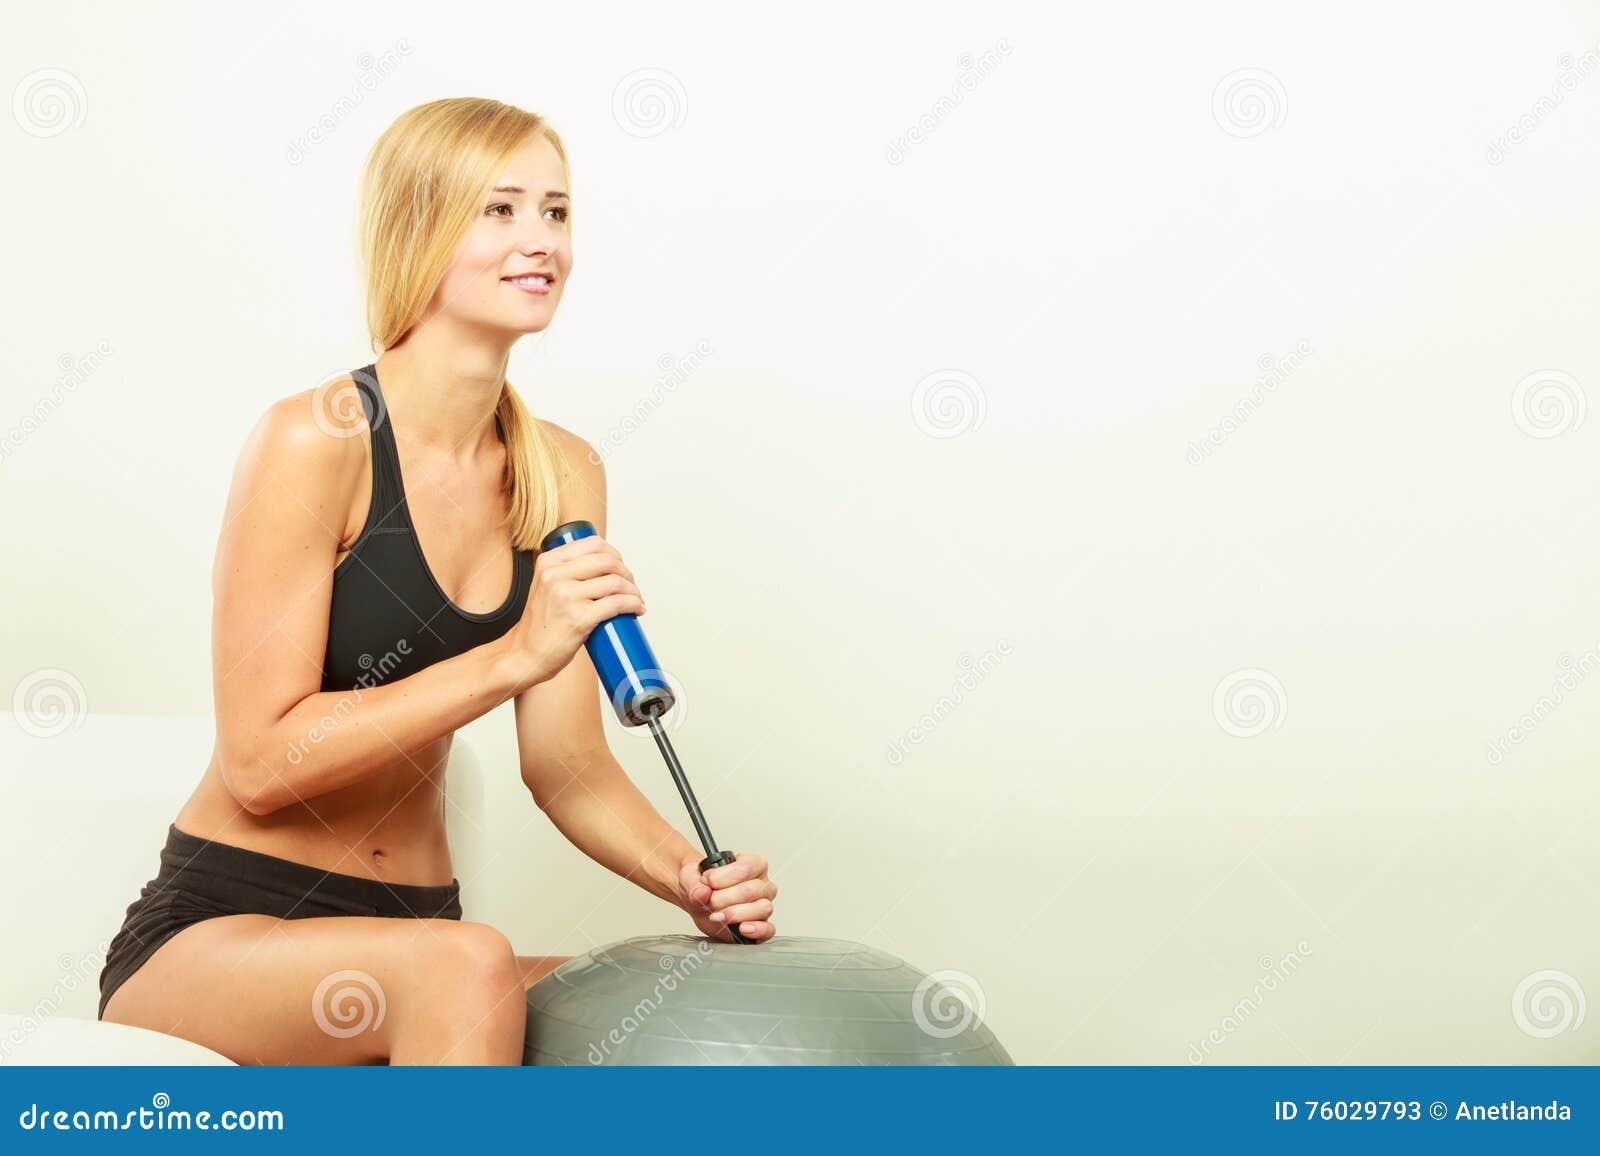 Sprawności fizycznej kobieta z lotniczej pompy pompowania dysponowaną piłką